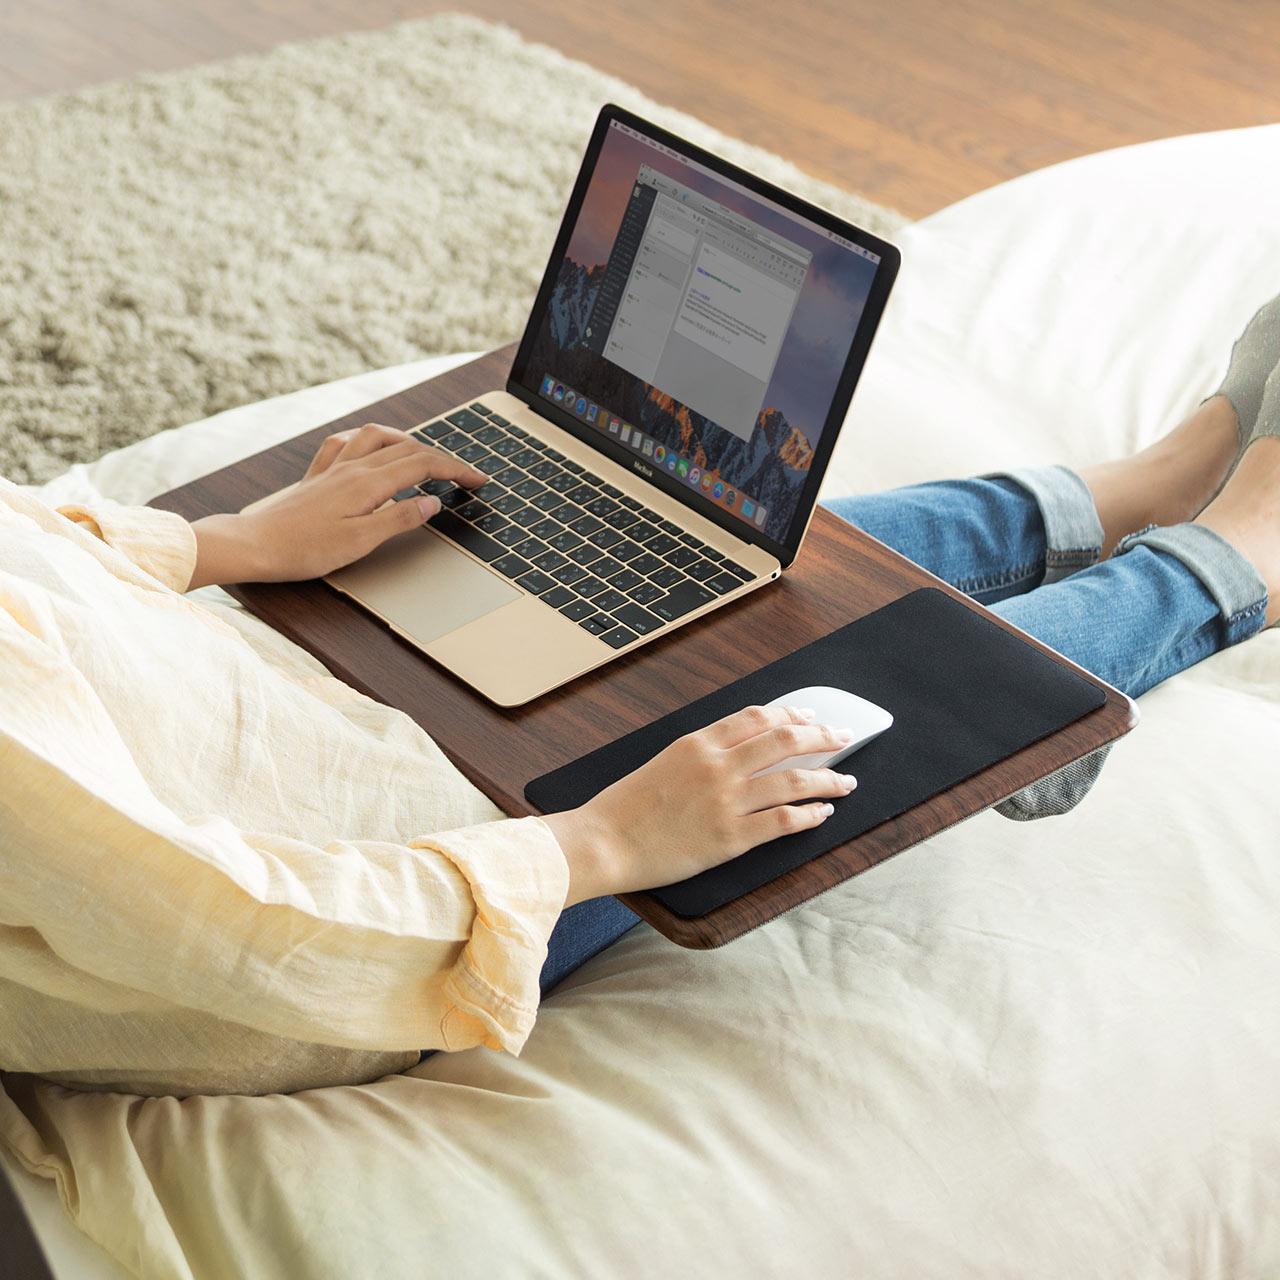 ひざ上 ひざのせ クッションテーブル ラップトップテーブル ノートPC台 膝上テーブル 予約販売品 木目調 ノートパソコン タブレット 直送商品 200-hus007 マウスパッド付き 幅57cm